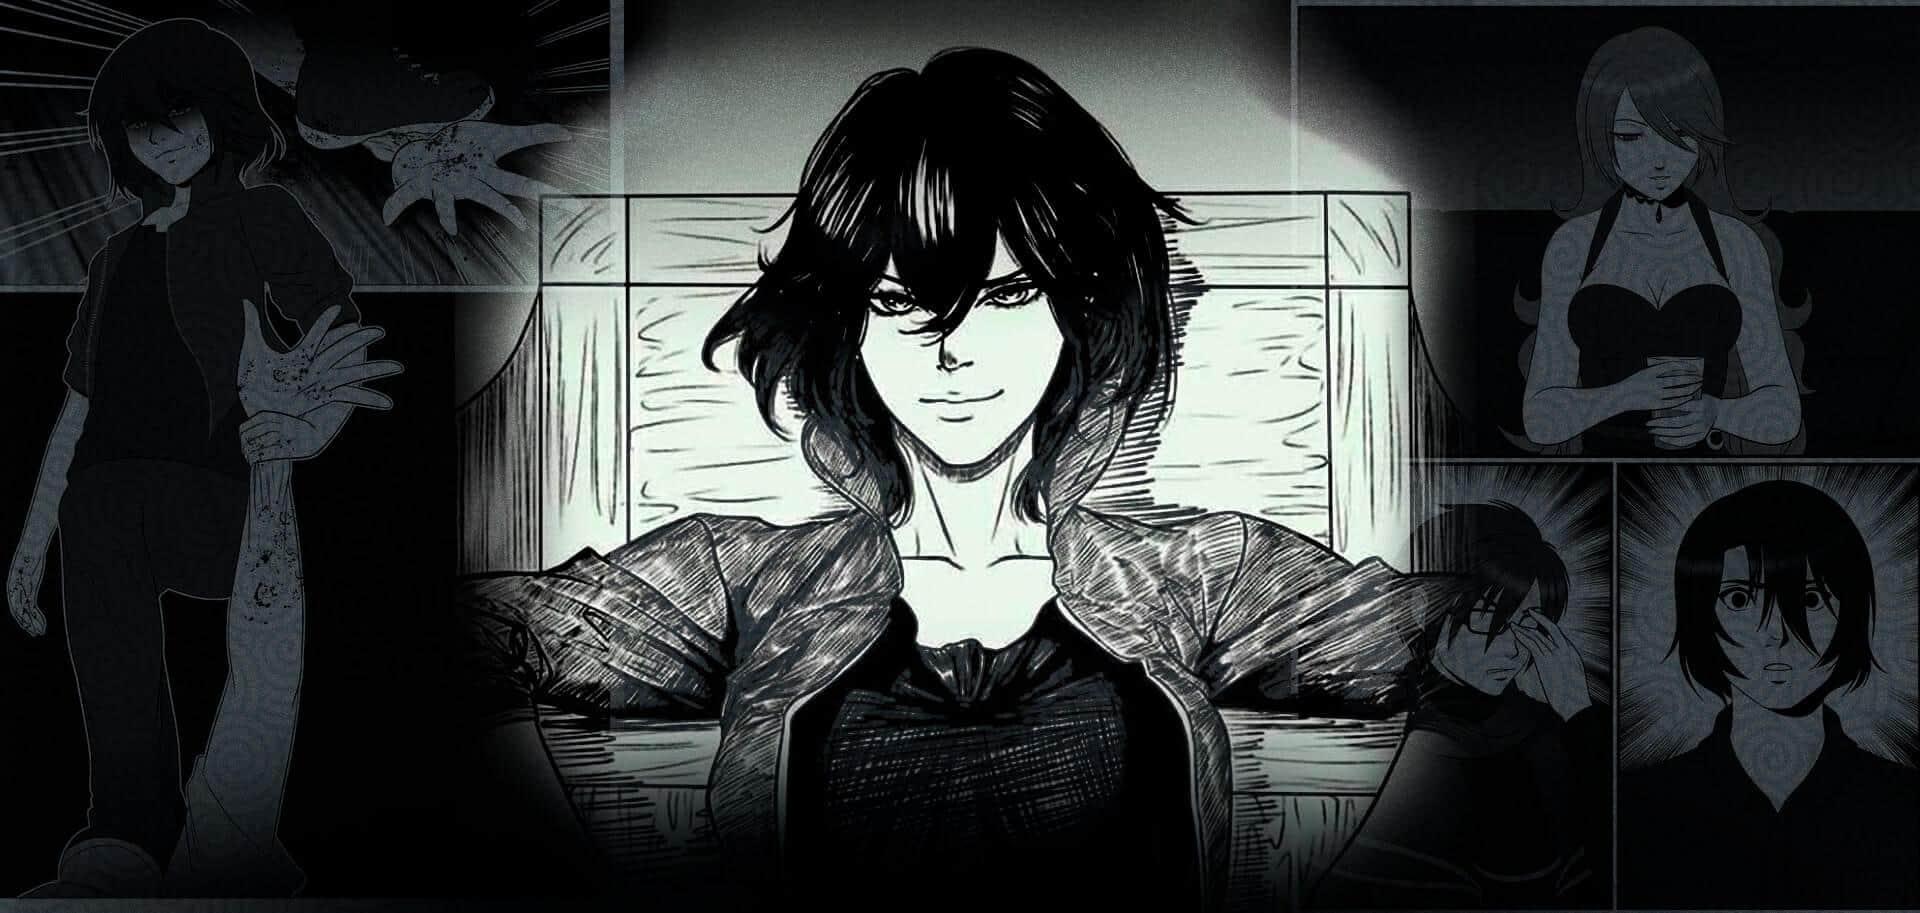 Ryota, capa do especial da Cúpula do Trovão (1)